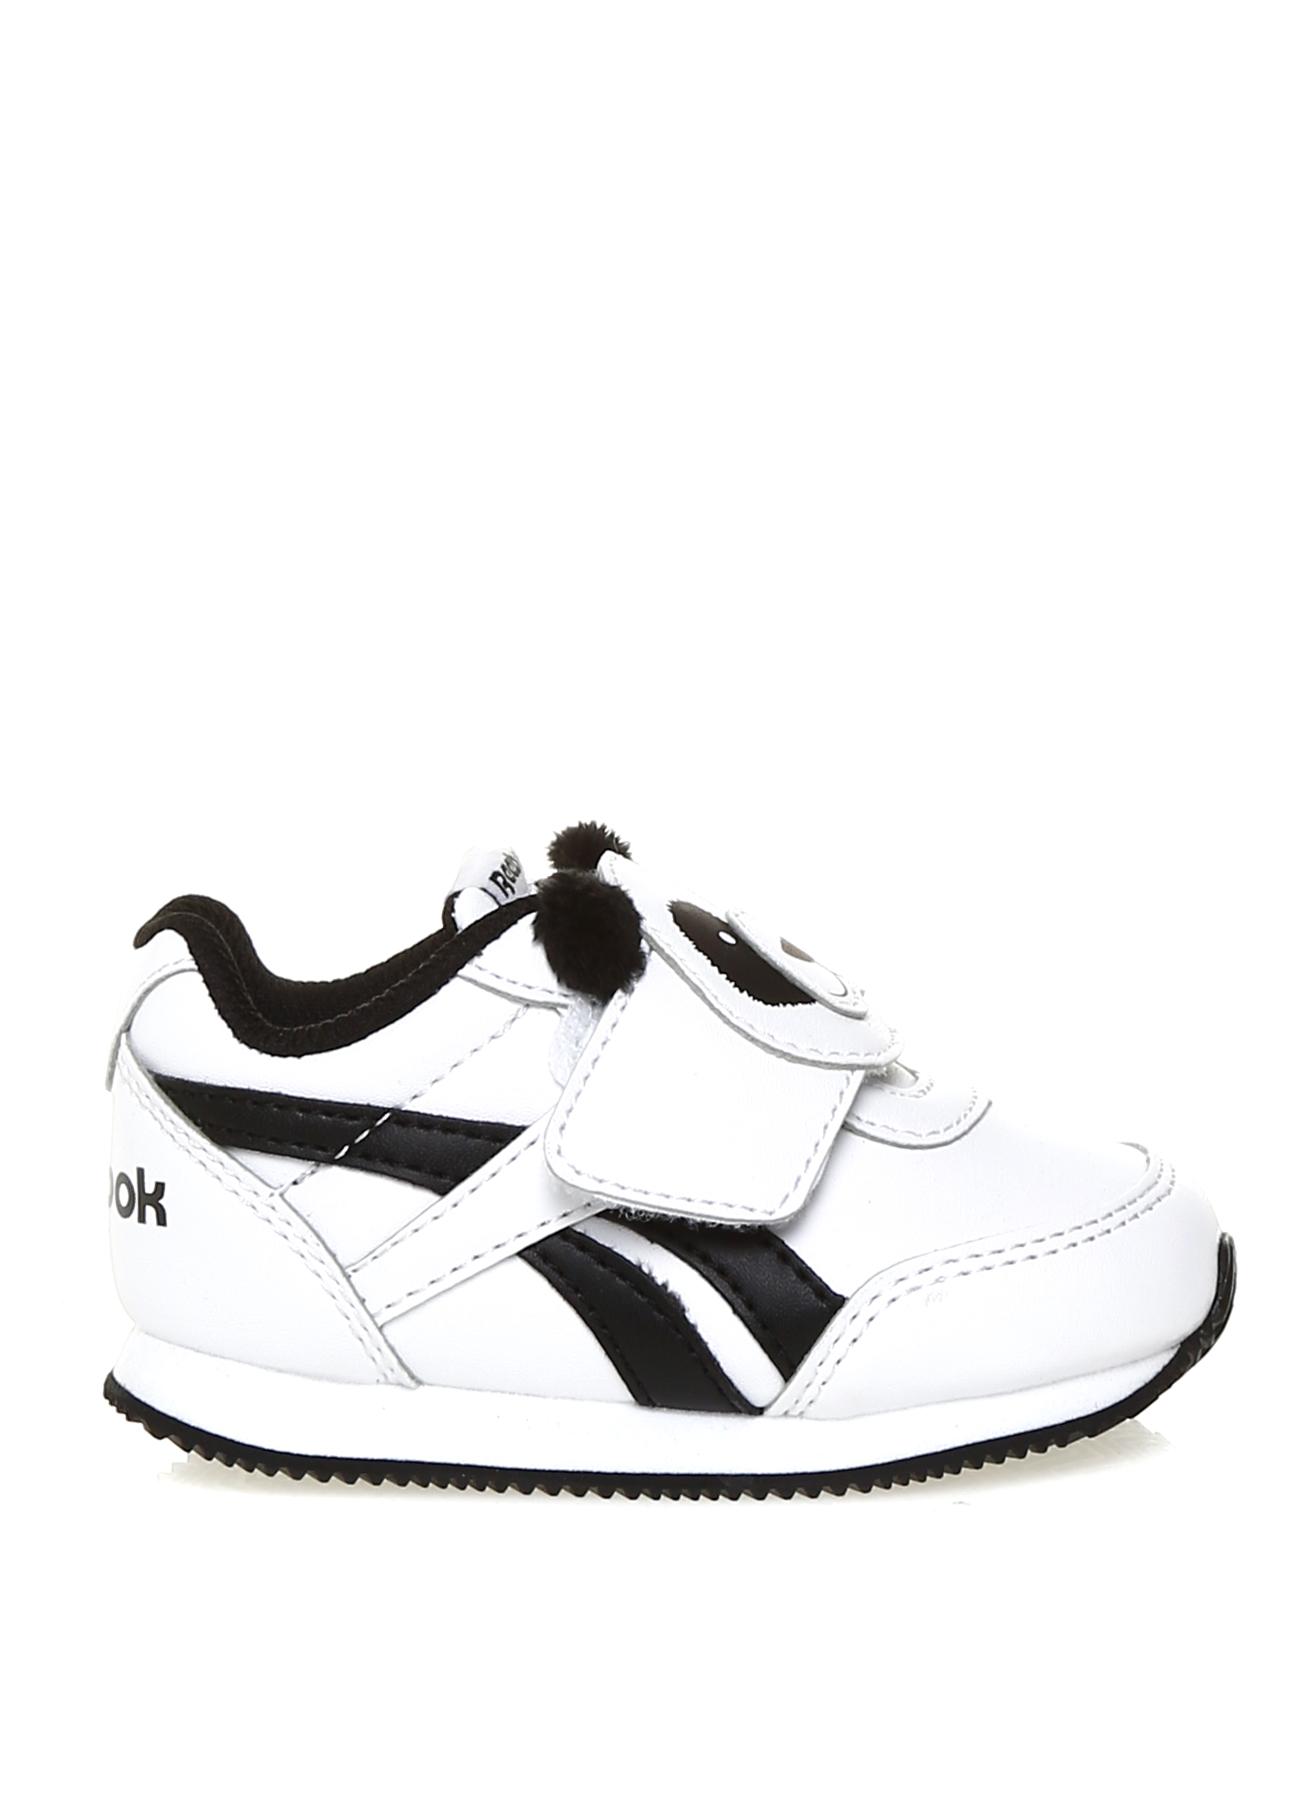 Reebok Yürüyüş Ayakkabısı 25.5 5001700747011 Ürün Resmi